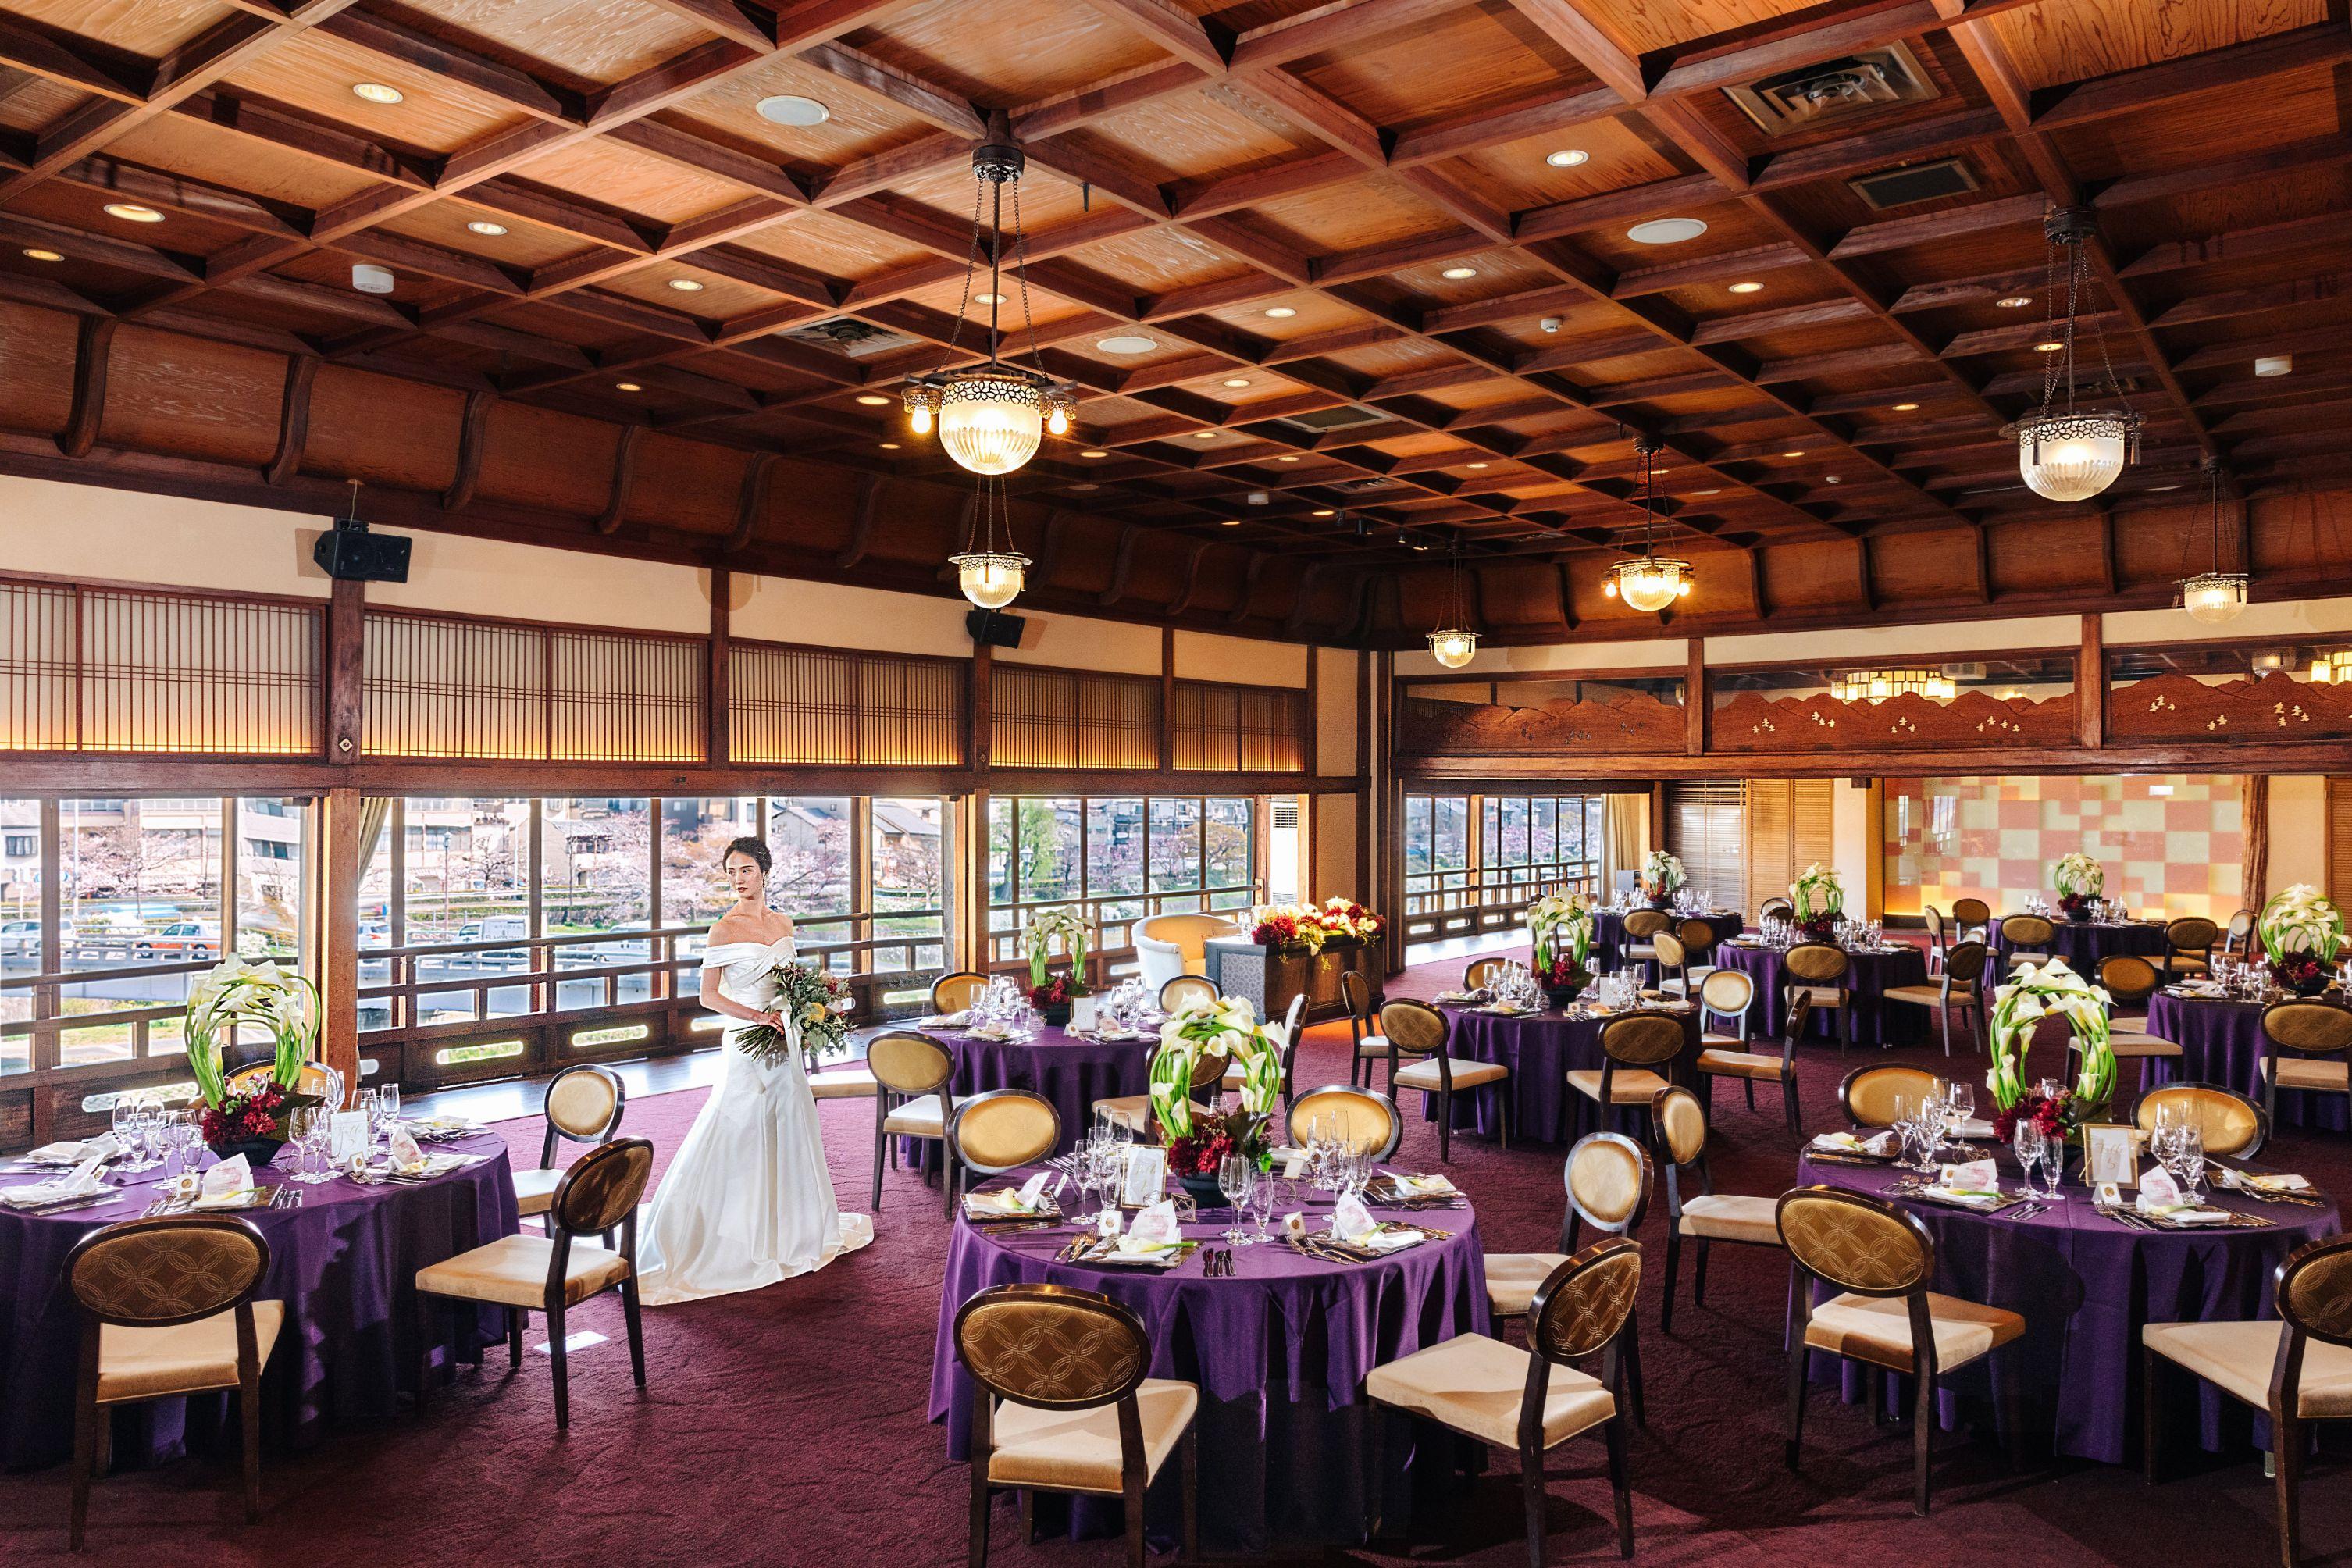 〈老舗の美が織りなす〉京都のゲストハウスで最大級の収容人数を誇るメインバンケット